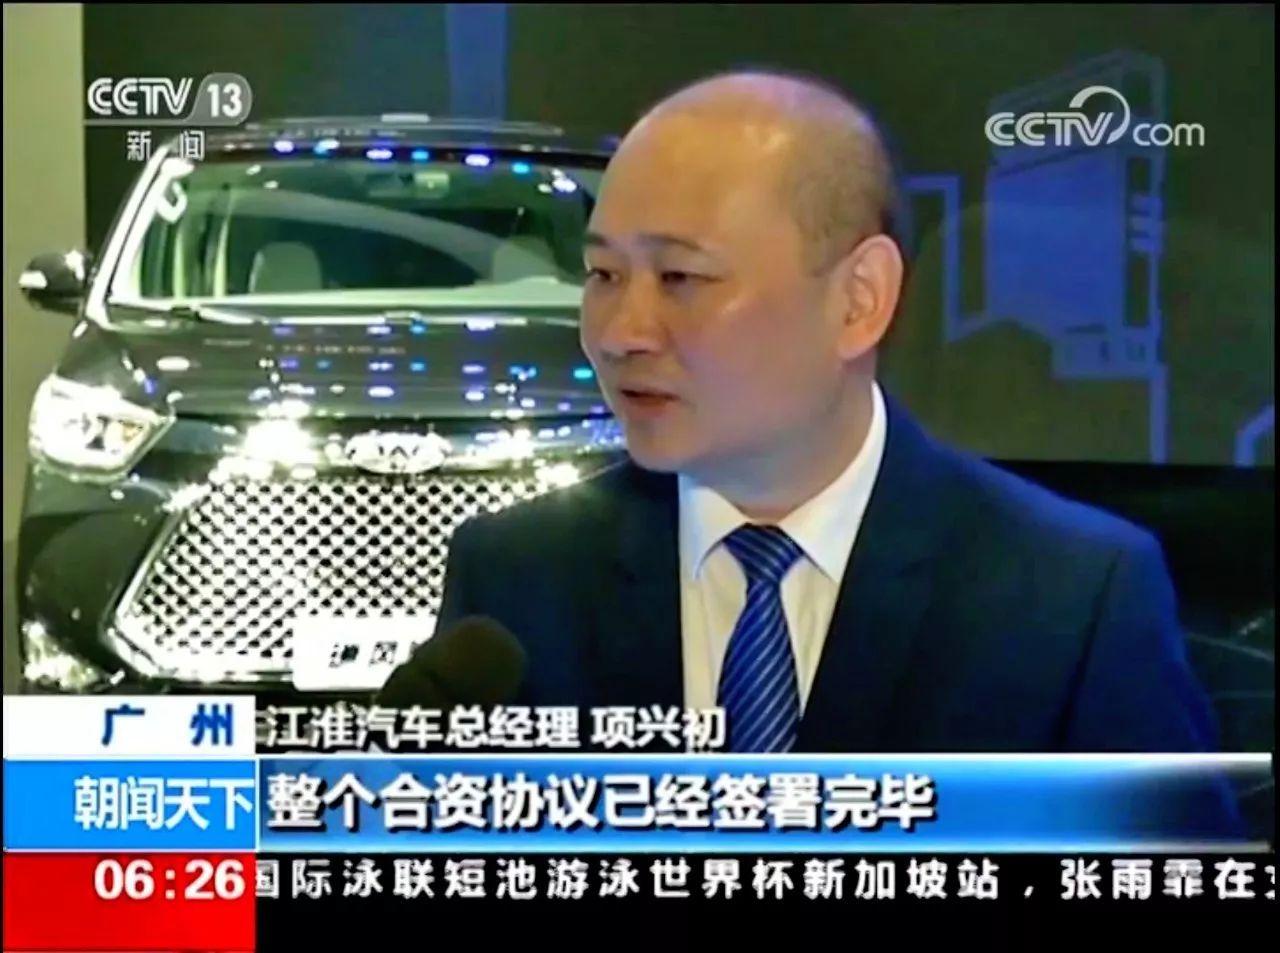 央视朝闻天下新主播_CCTV《朝闻天下》  江淮大众明年上半年实现第一款电动SUV量产